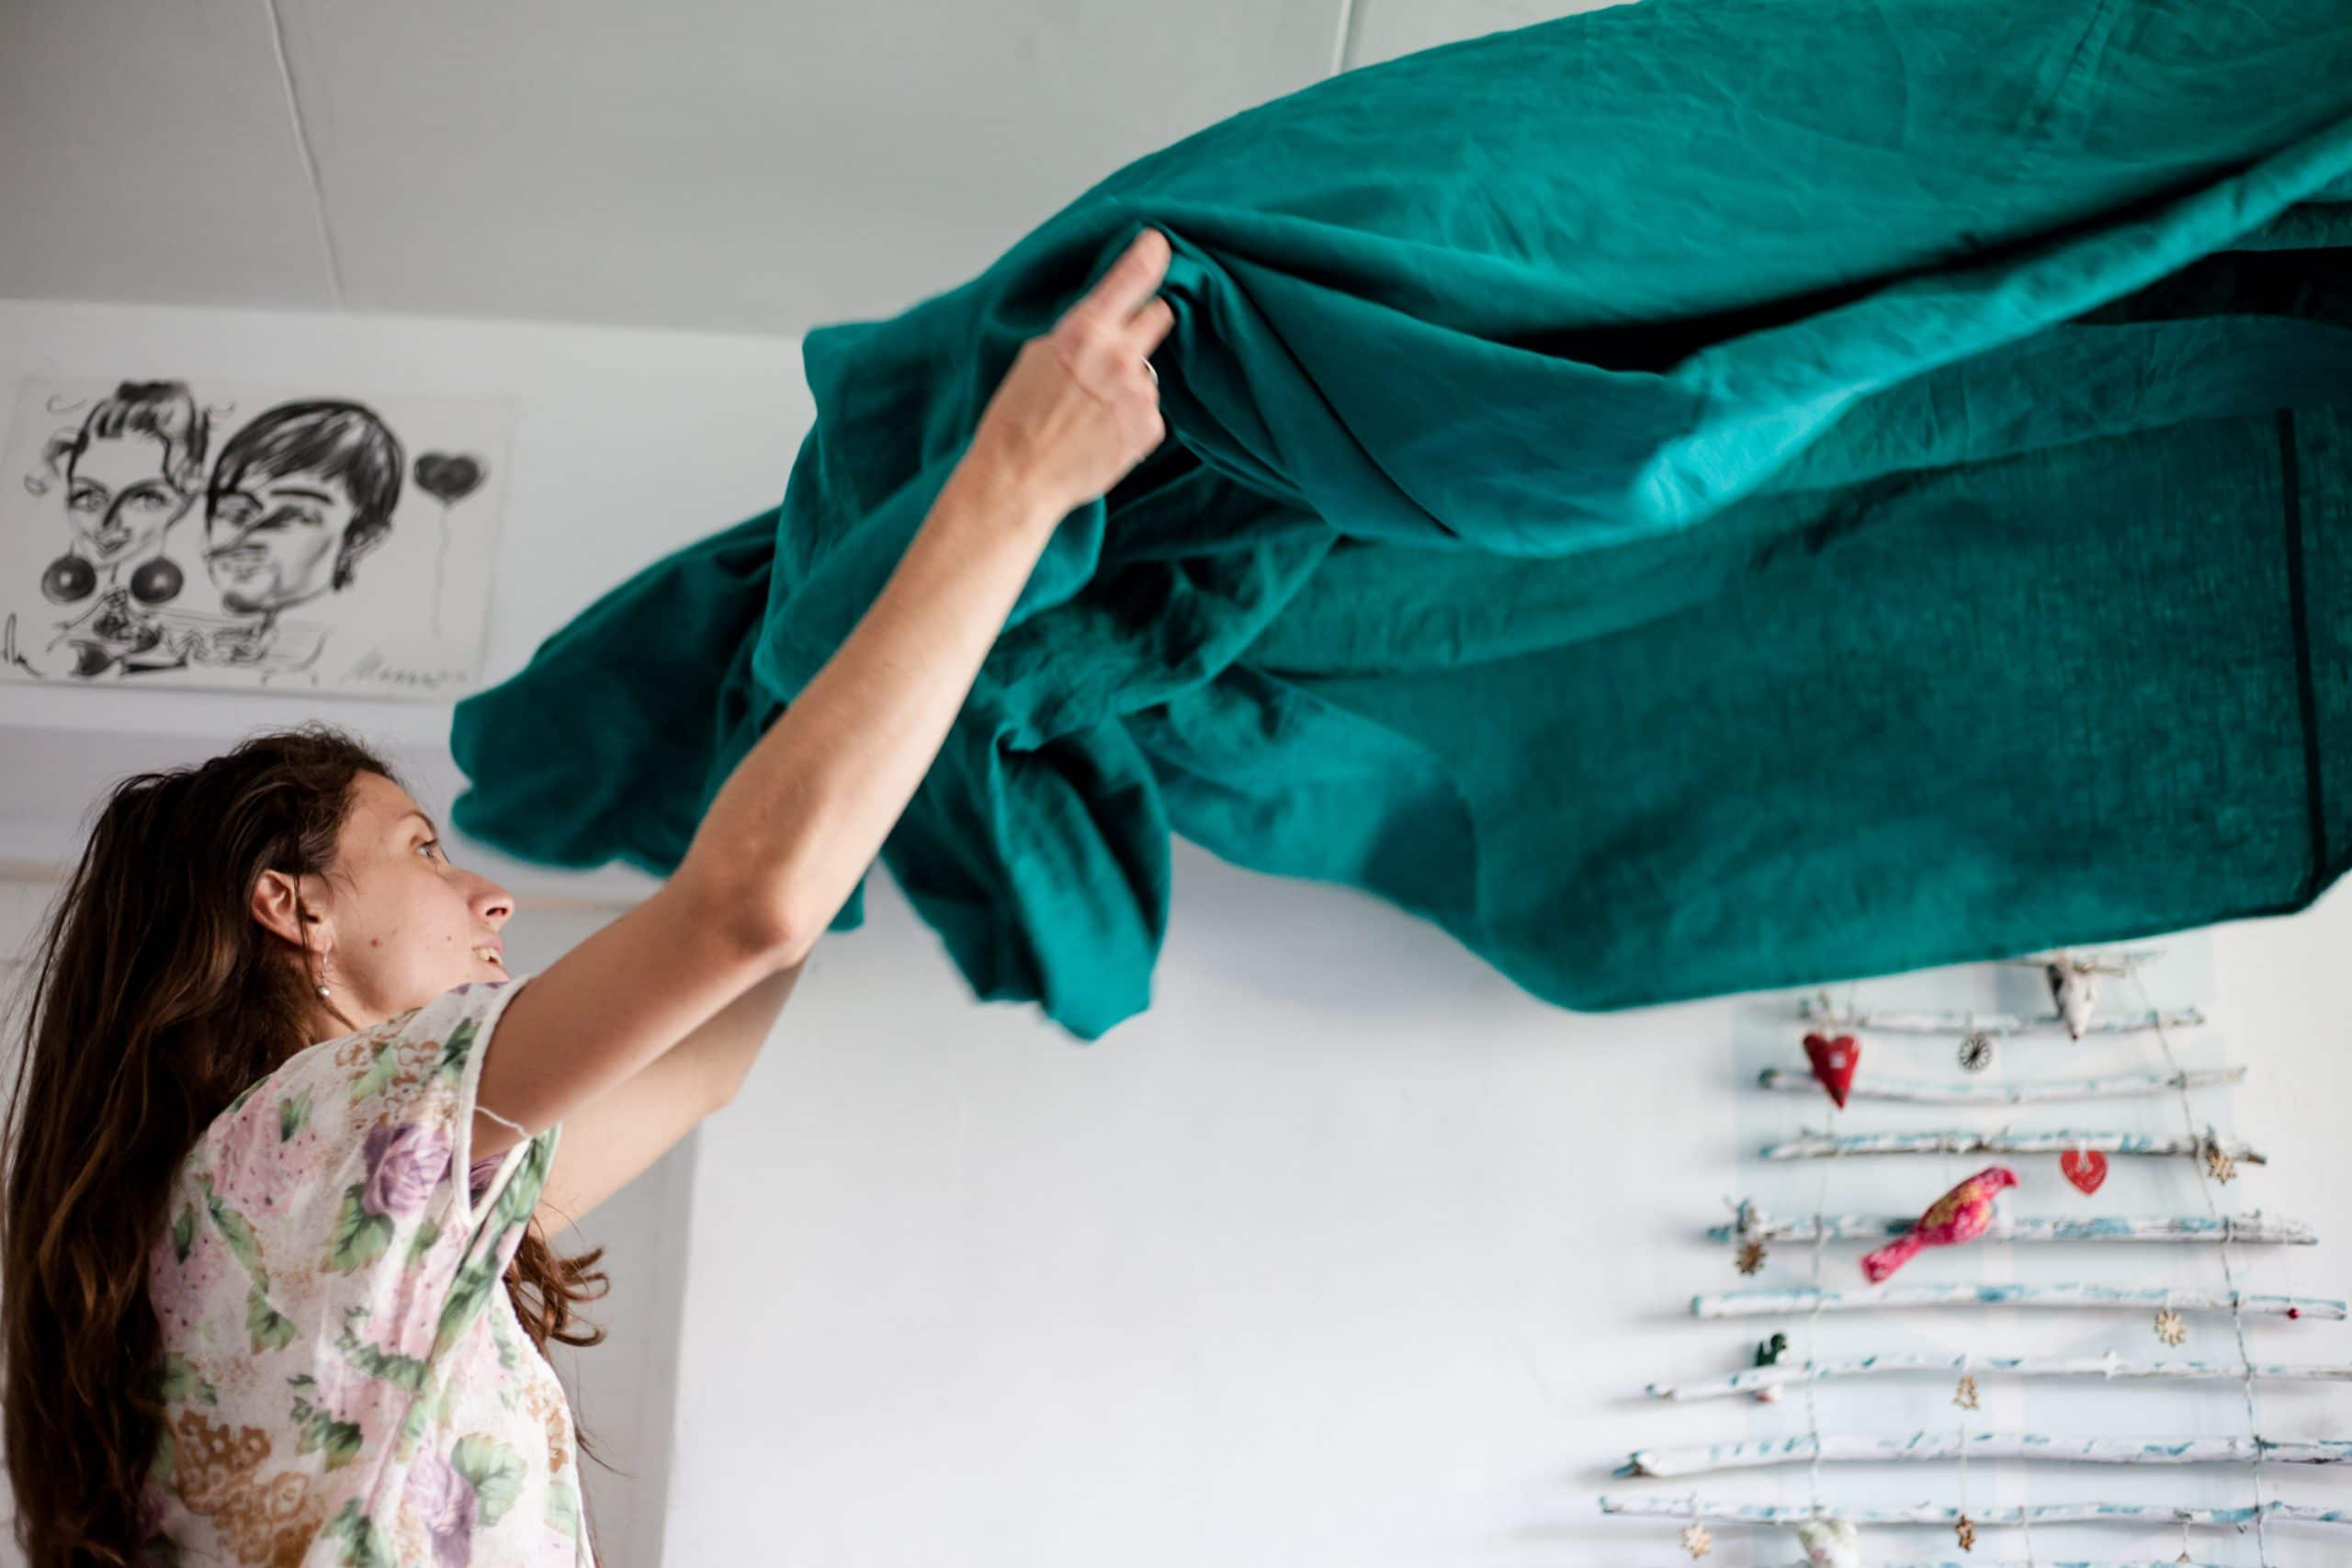 Comment éliminer les mauvaises odeurs à la maison ?